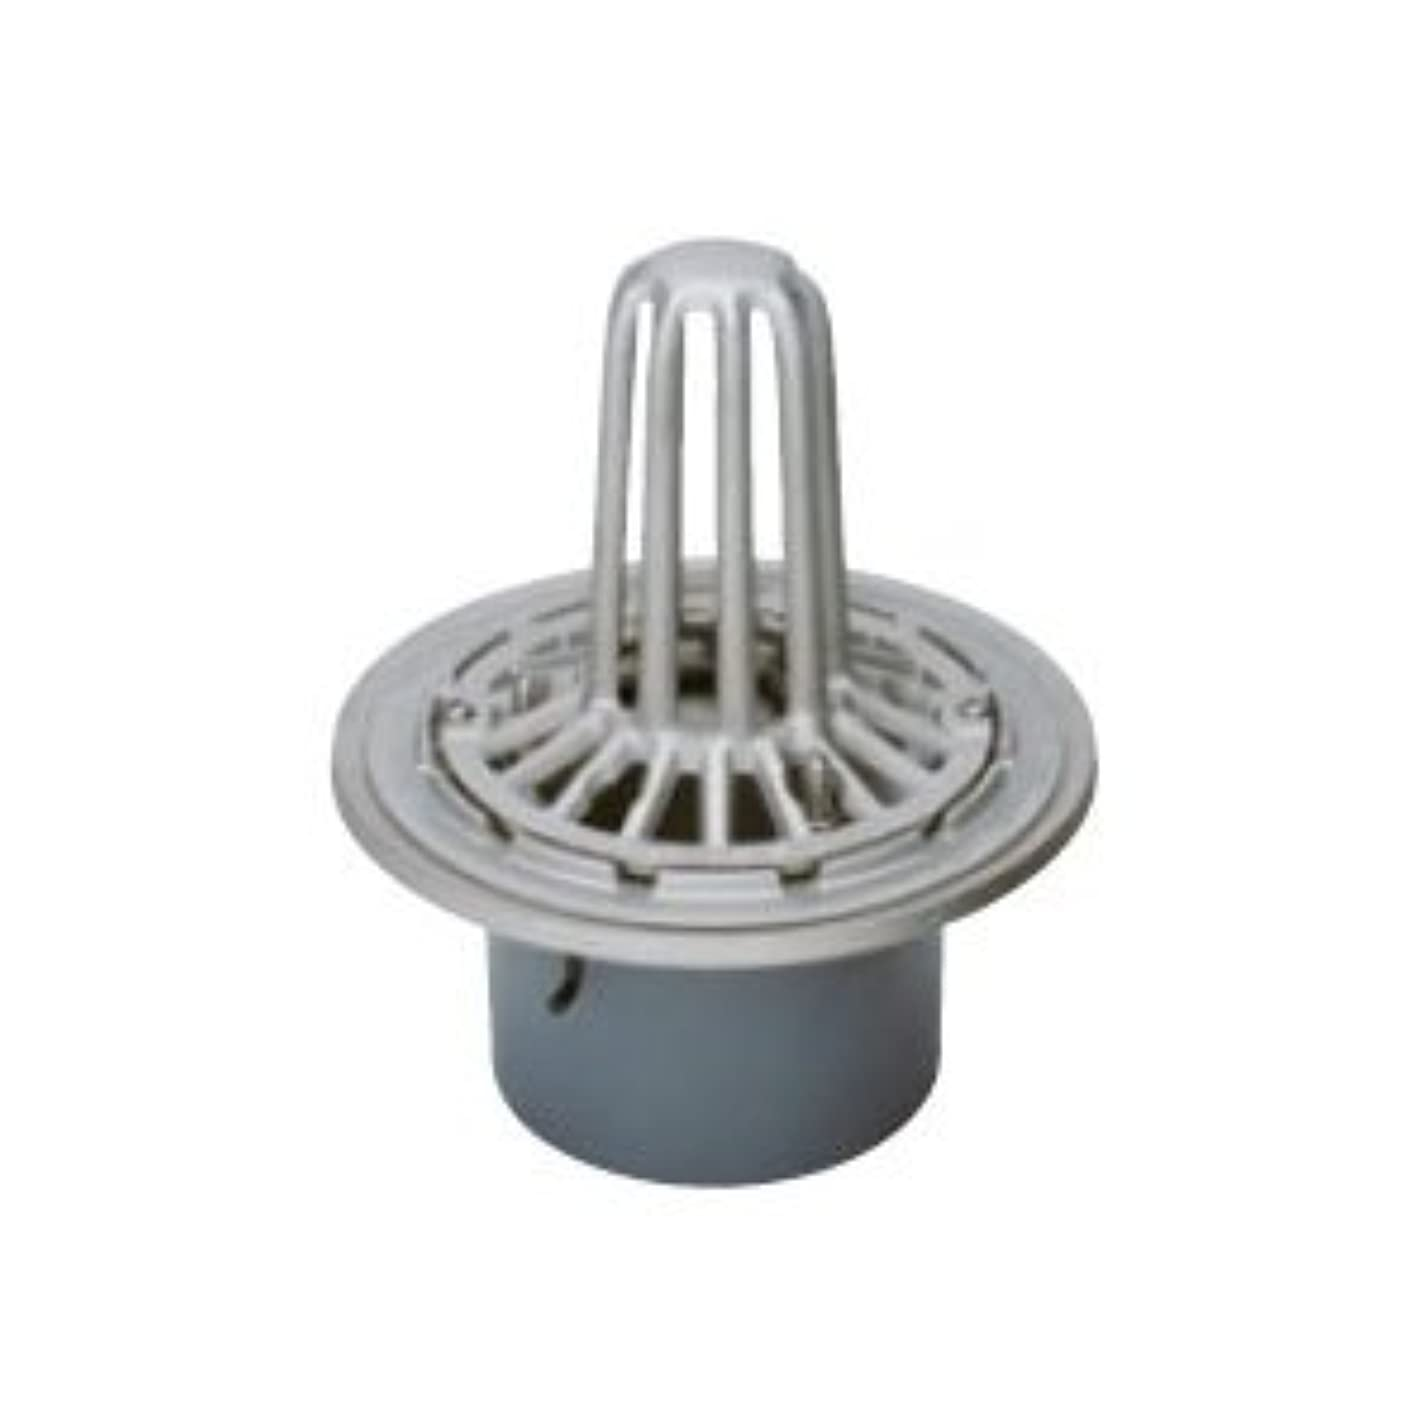 名前を作る未満サワーカネソウ ステンレス鋳鋼製ルーフドレイン たて引き用 打込型 屋上用(呼称50) ESSP-1-50